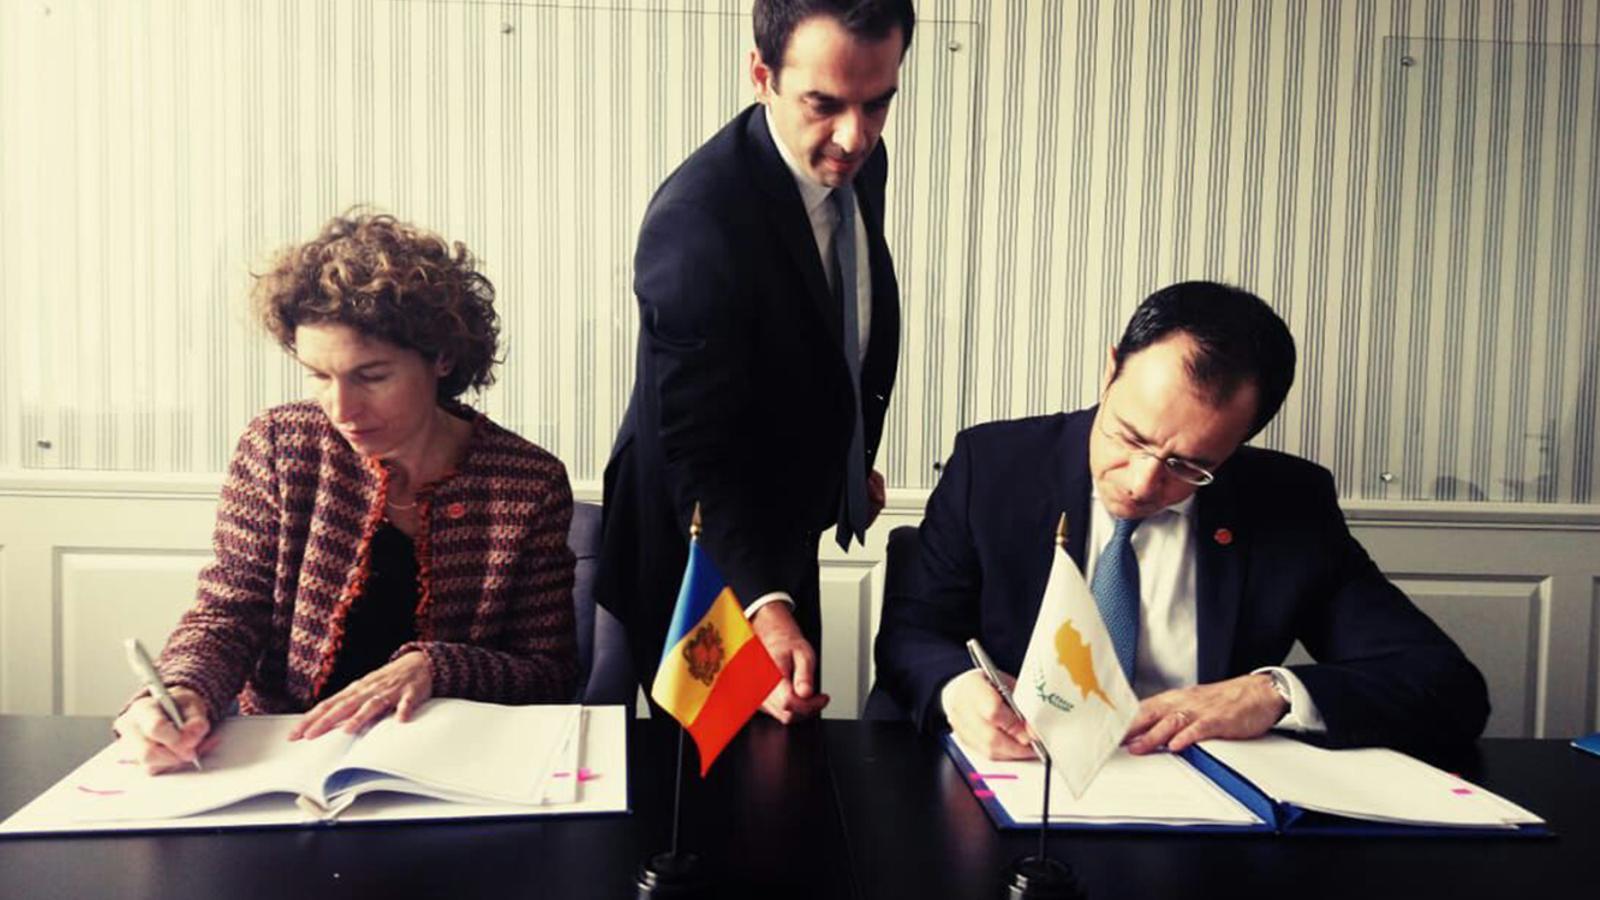 La miniustra d'Afers Exterios, Maria Ubach, signa amb el seu homòleg de Xipre, Nikos Christodoulides, el conveni per evitar la doble imposició. / SFG